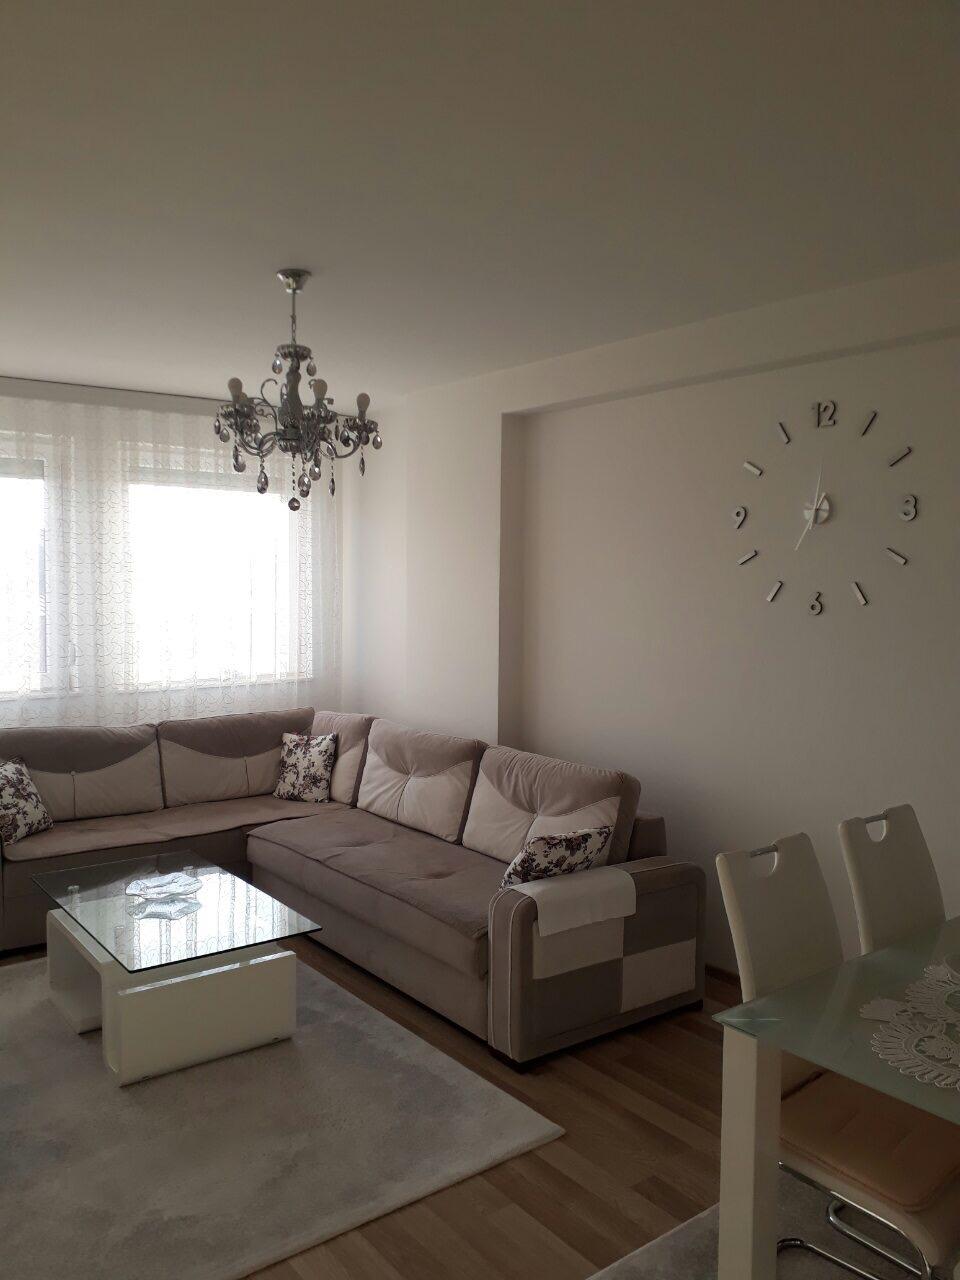 Shitet banesa 2 dhomëshe 60m2, kati i 8-të në Fushë Kosovë afër shkollës Mihail Grameno